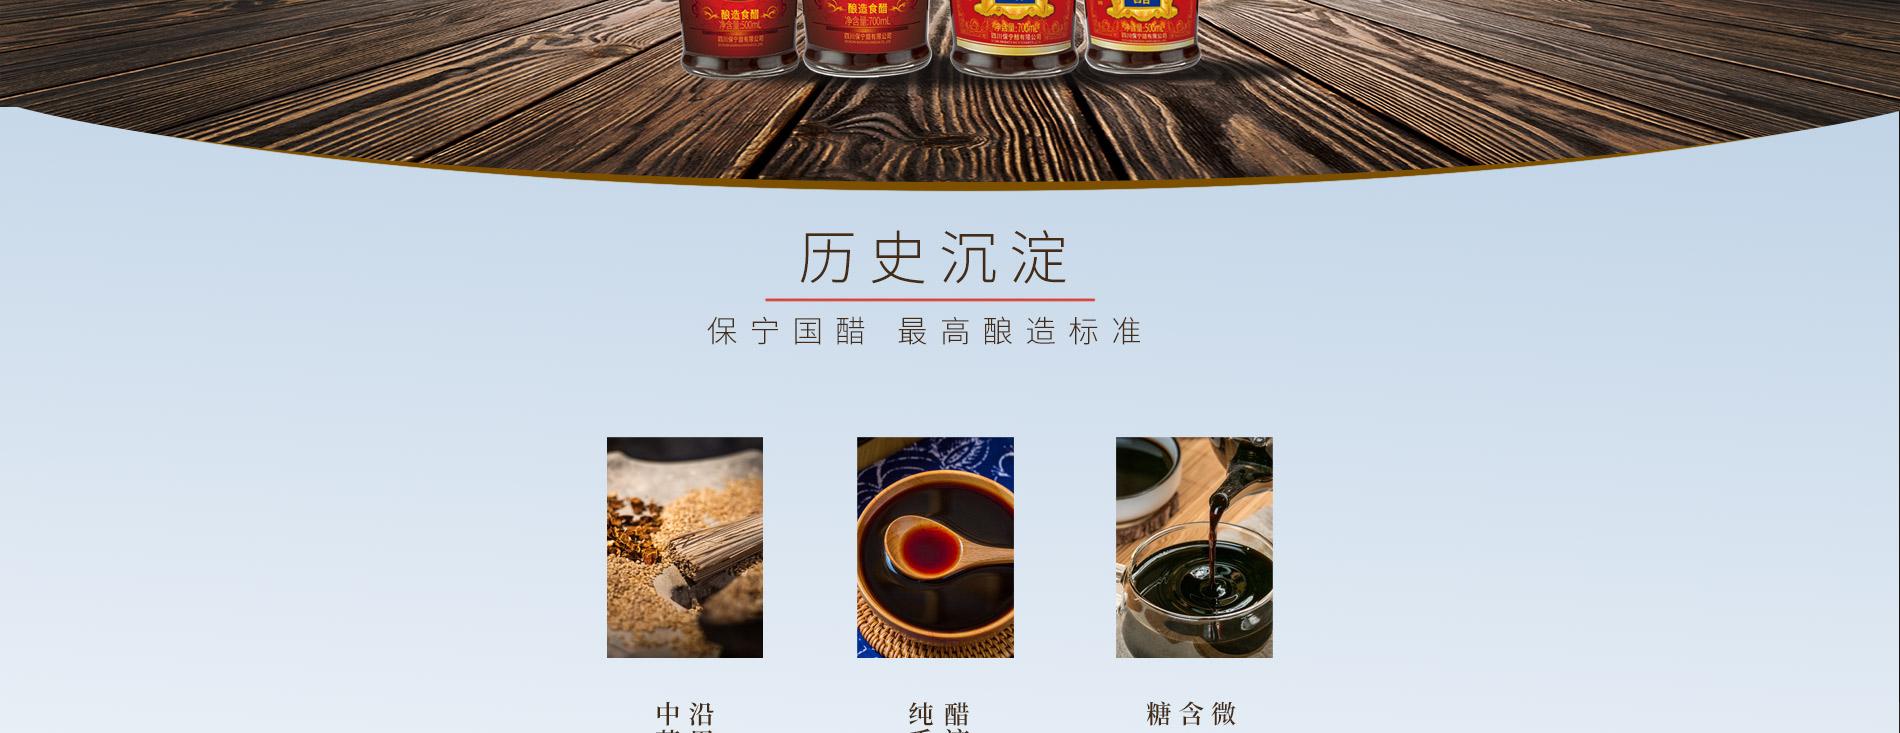 产品-国醋-恢复的_02.jpg